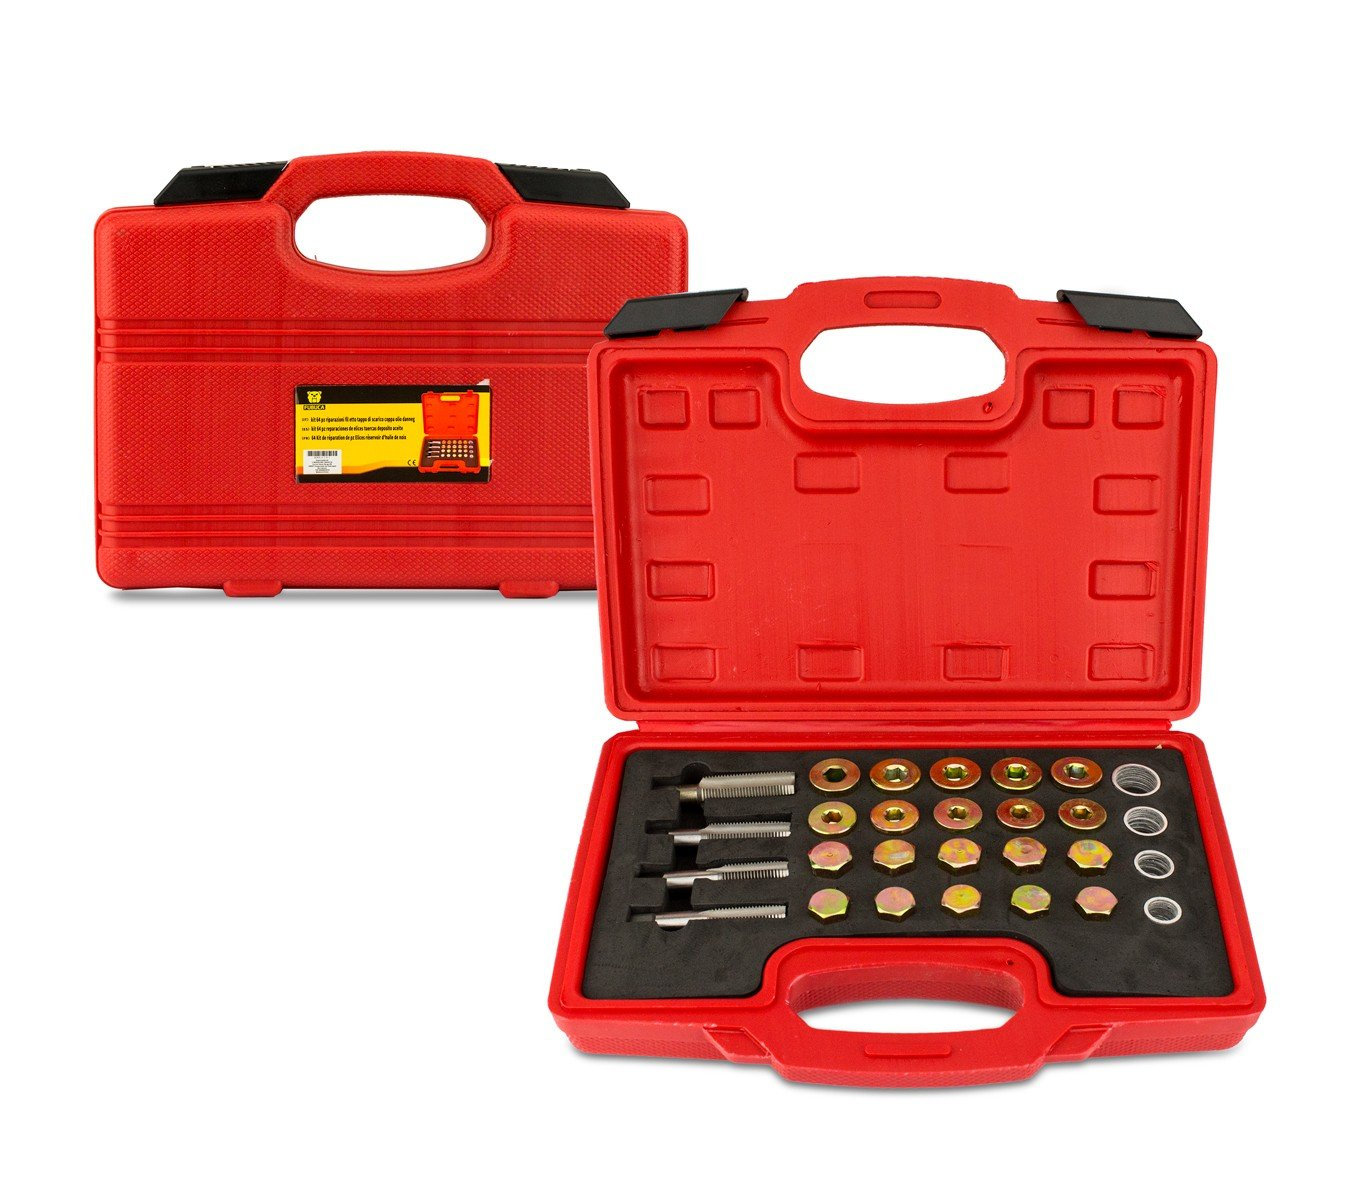 4501 Kit de 64 piè ces FUBUCA de ré paration de filetage du carter d'huile